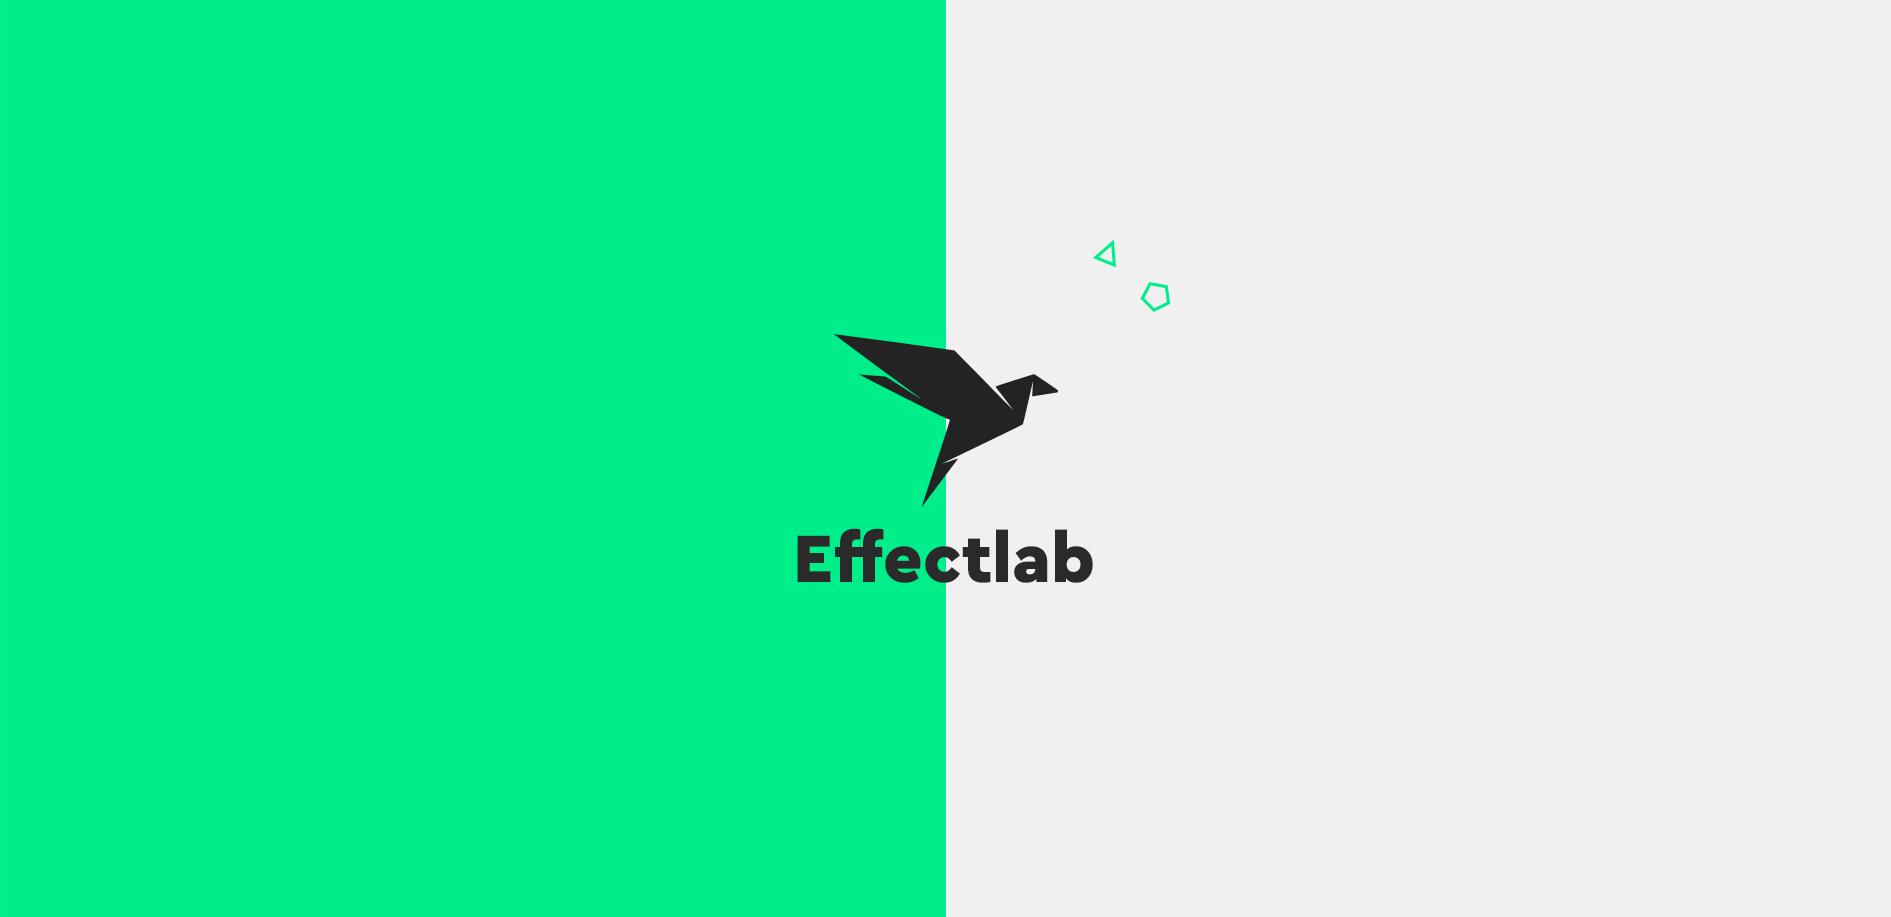 Effectlab - Κατασκευή Ιστοσελίδων Ηράκλειο Κρήτης 2f24f4646c3